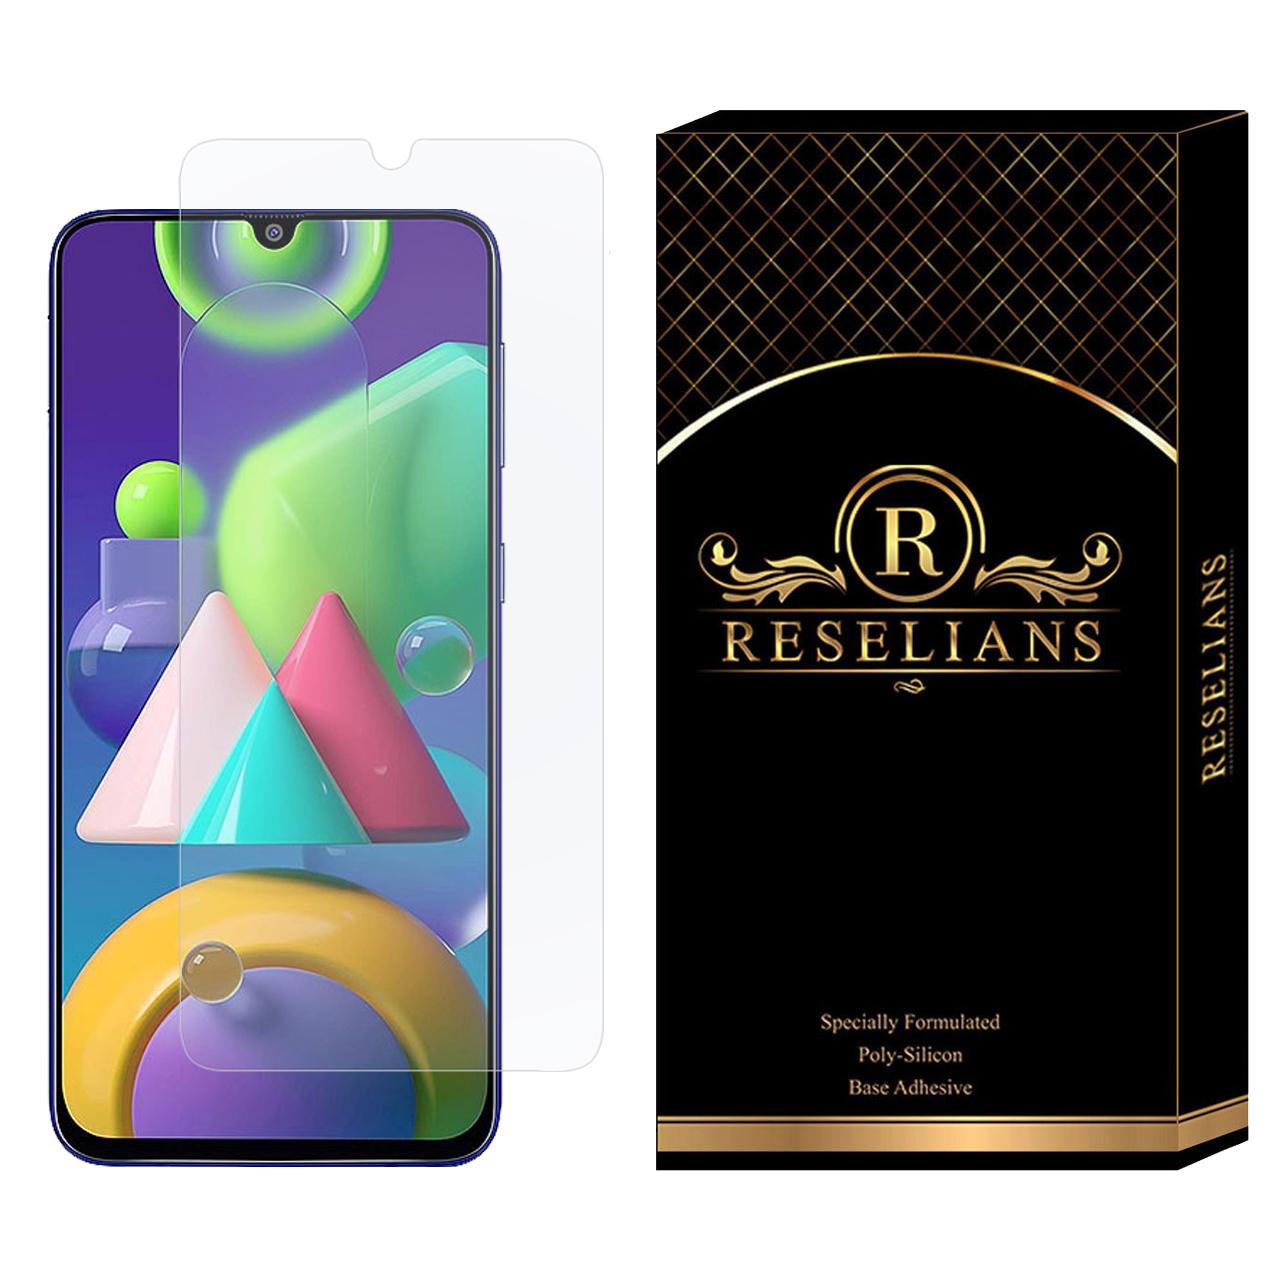 محافظ صفحه نمایش رزلیانس مدل SMP-R مناسب برای گوشی موبایل سامسونگ Galaxy M21